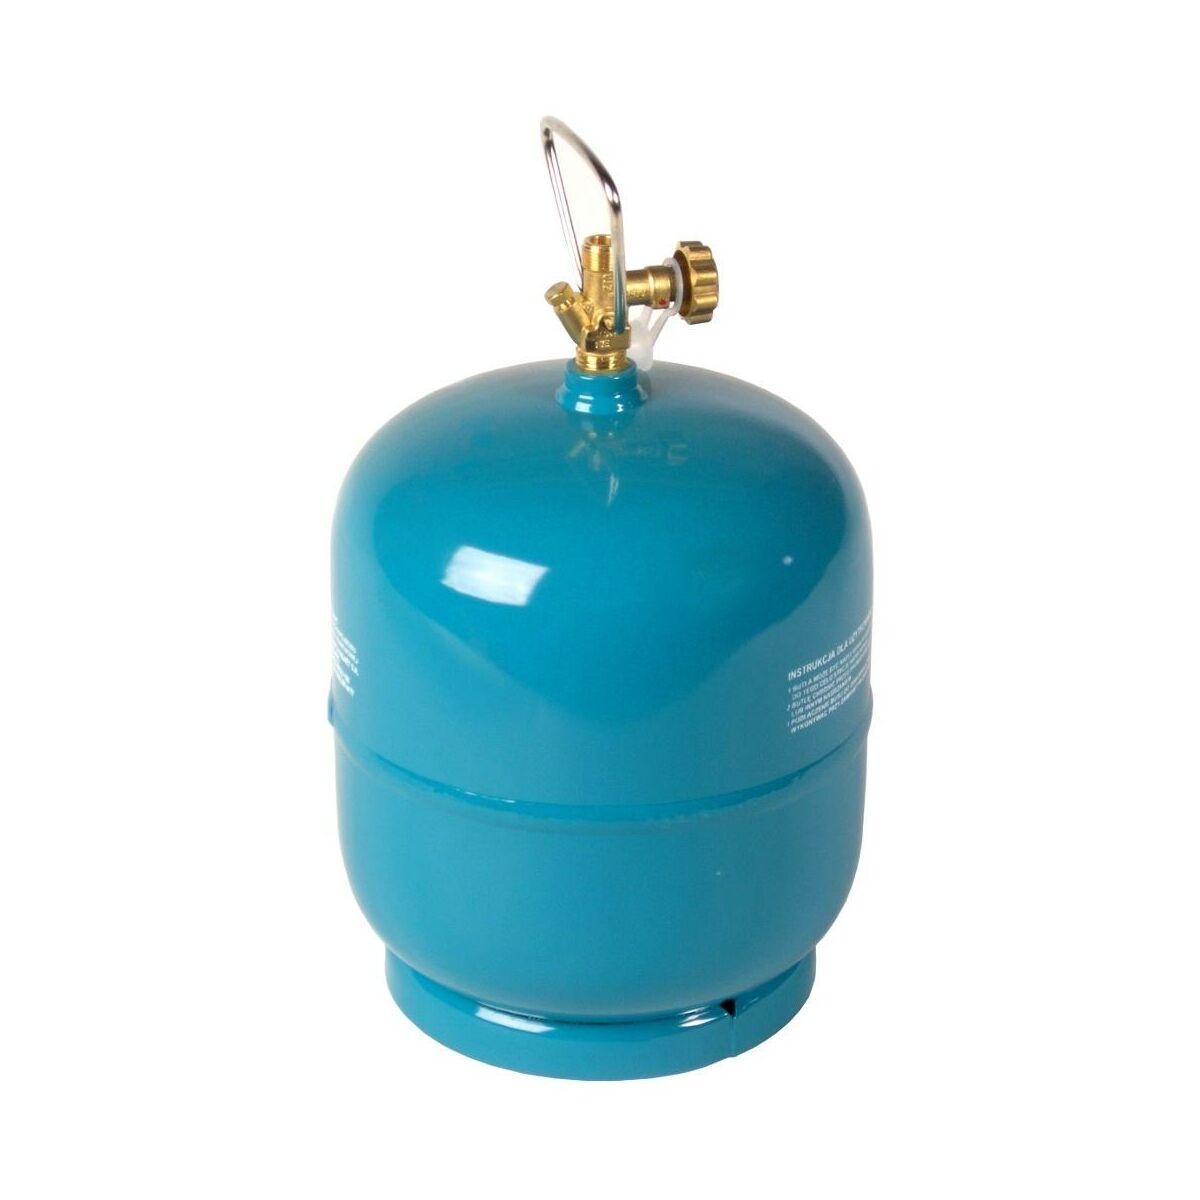 Bardzo dobra Butla gazowa 3 KG - Butle gazowe - w atrakcyjnej cenie w sklepach OB94